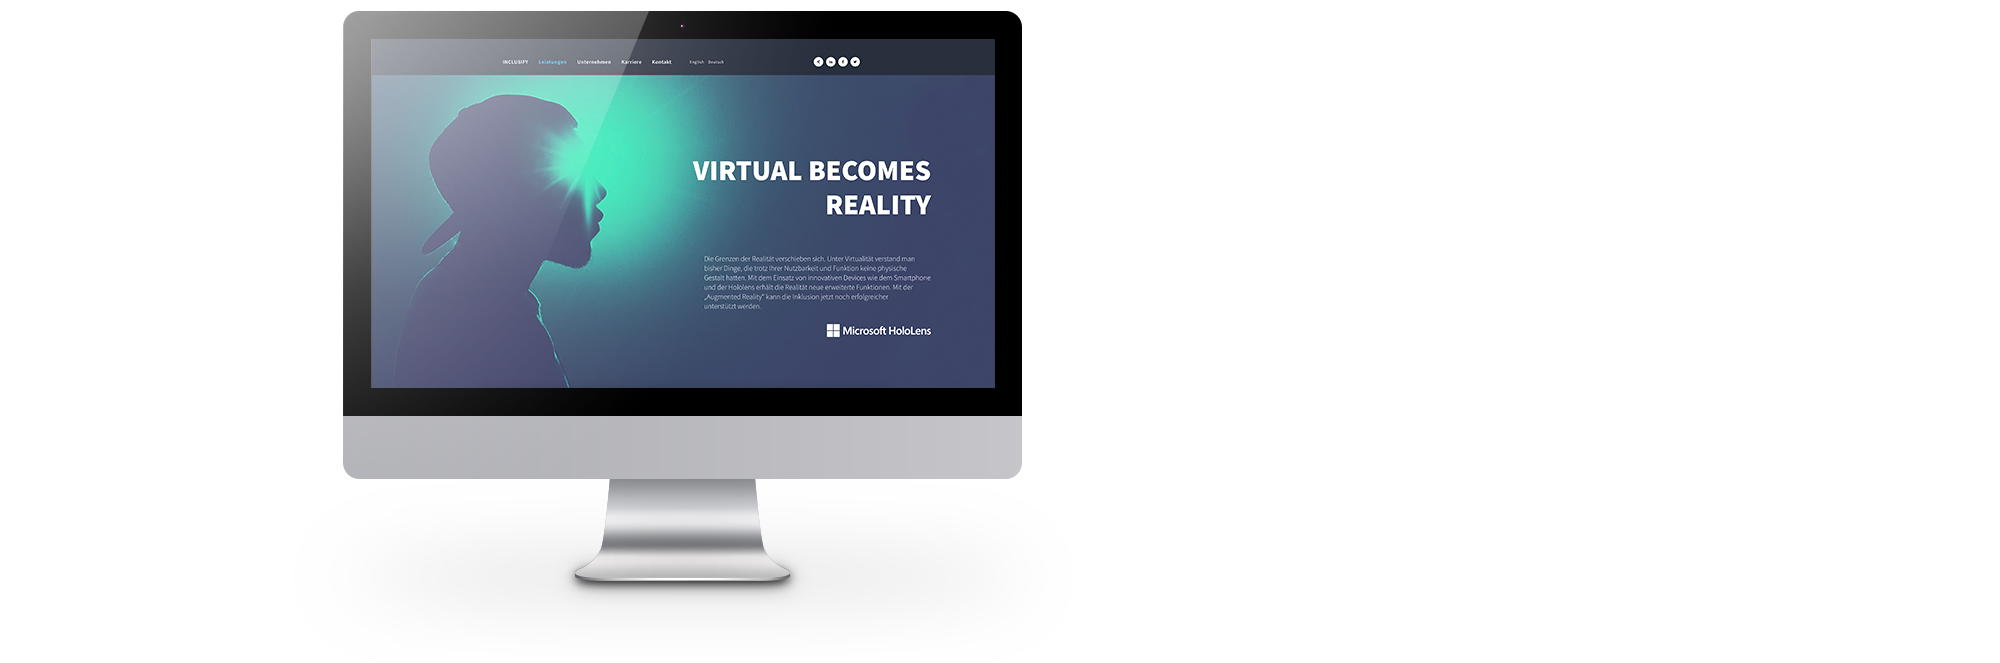 Für die Inclusify AG konzipierte und realisierte REINGOLD das komplette Startup Branding – inklusive Corporate Identity, Website und Geschäftsausstattung.